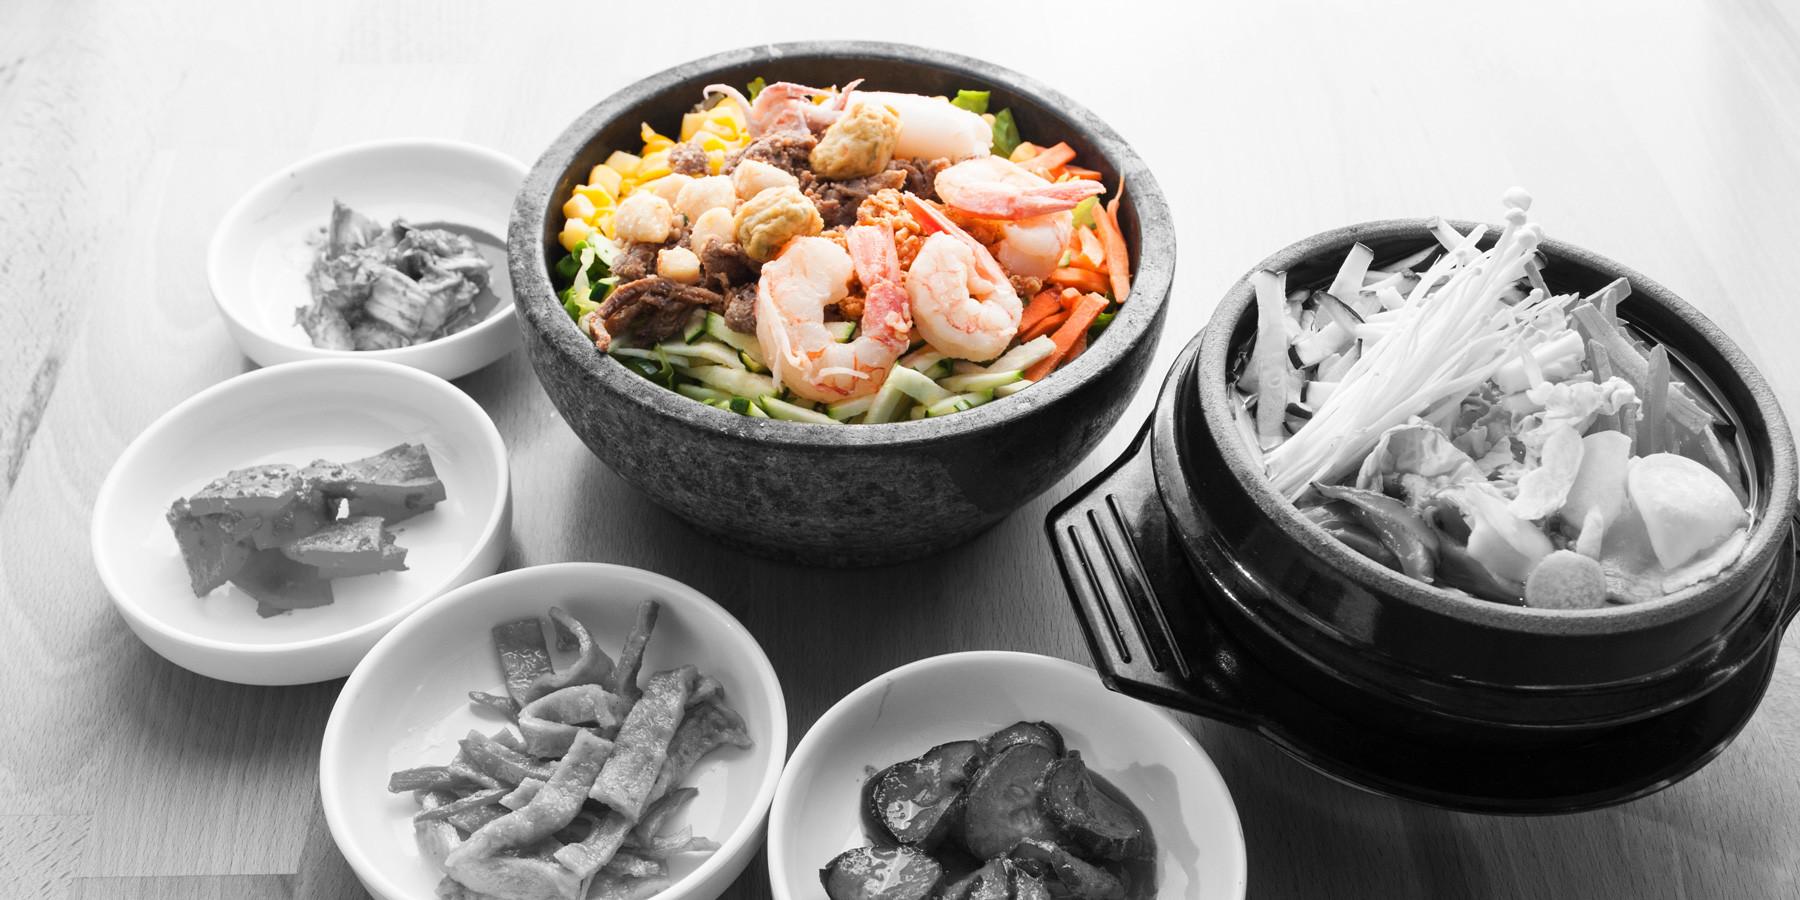 Vegetable & Seafood tofu